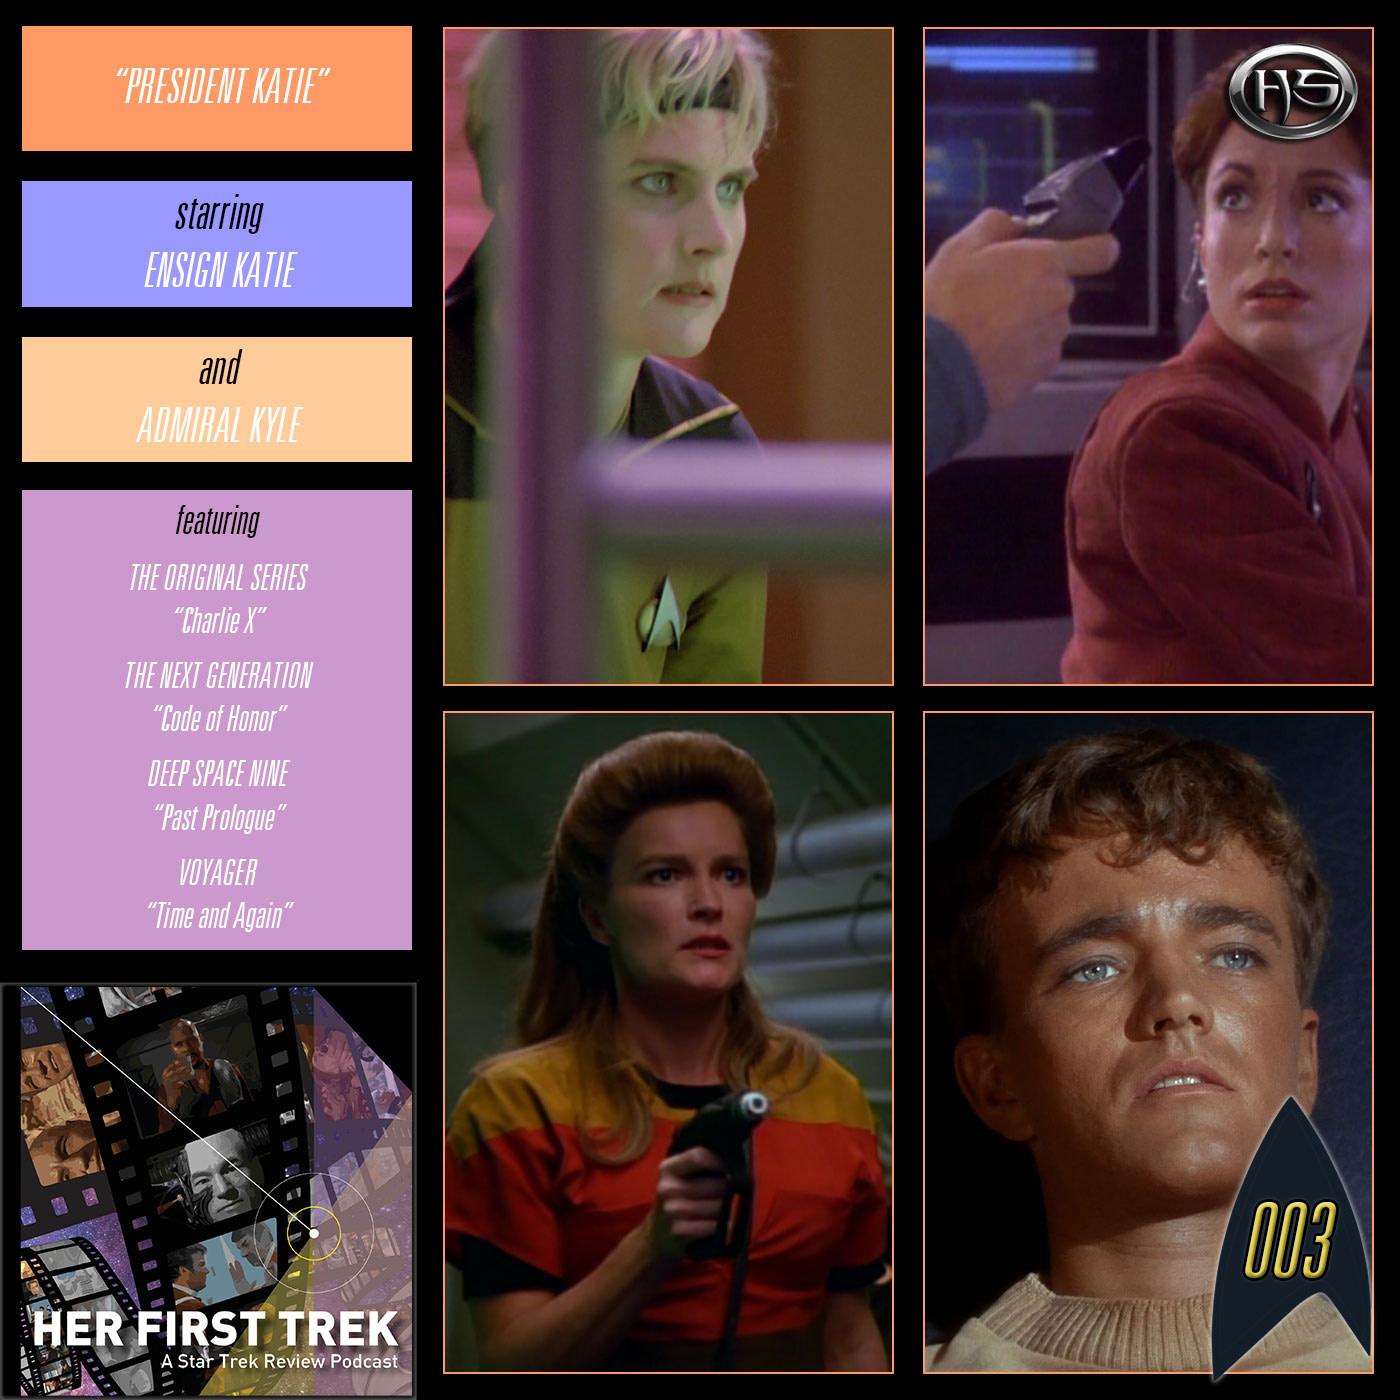 Her First Trek Episode 3